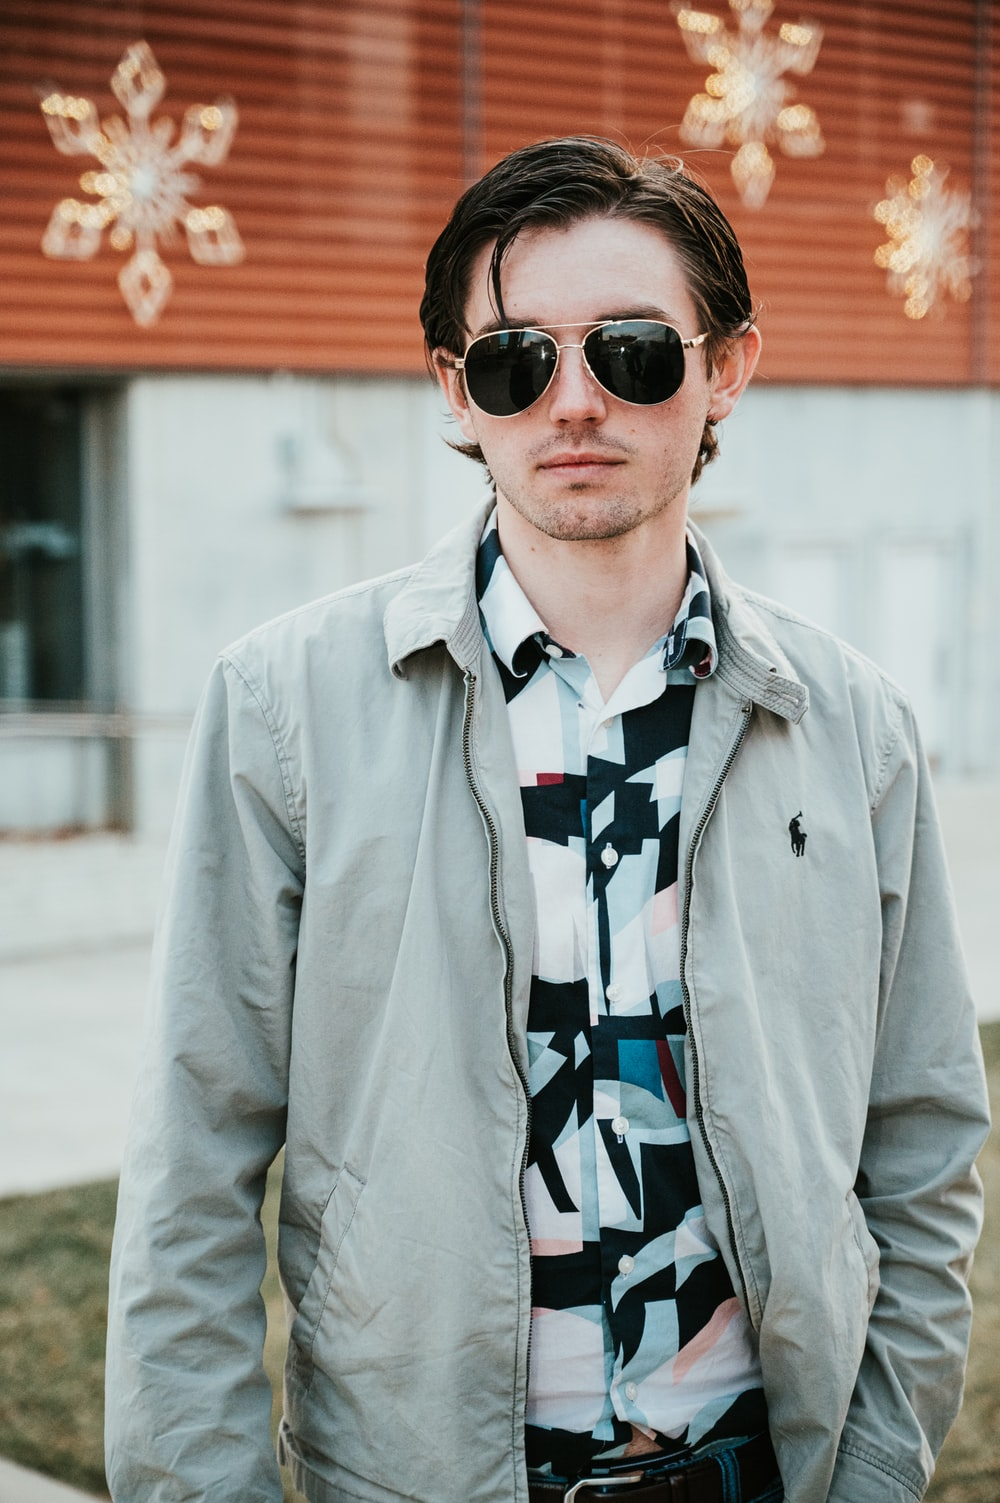 man wearing gray Ralph Lauren zip-up jacket and sunglasses standing